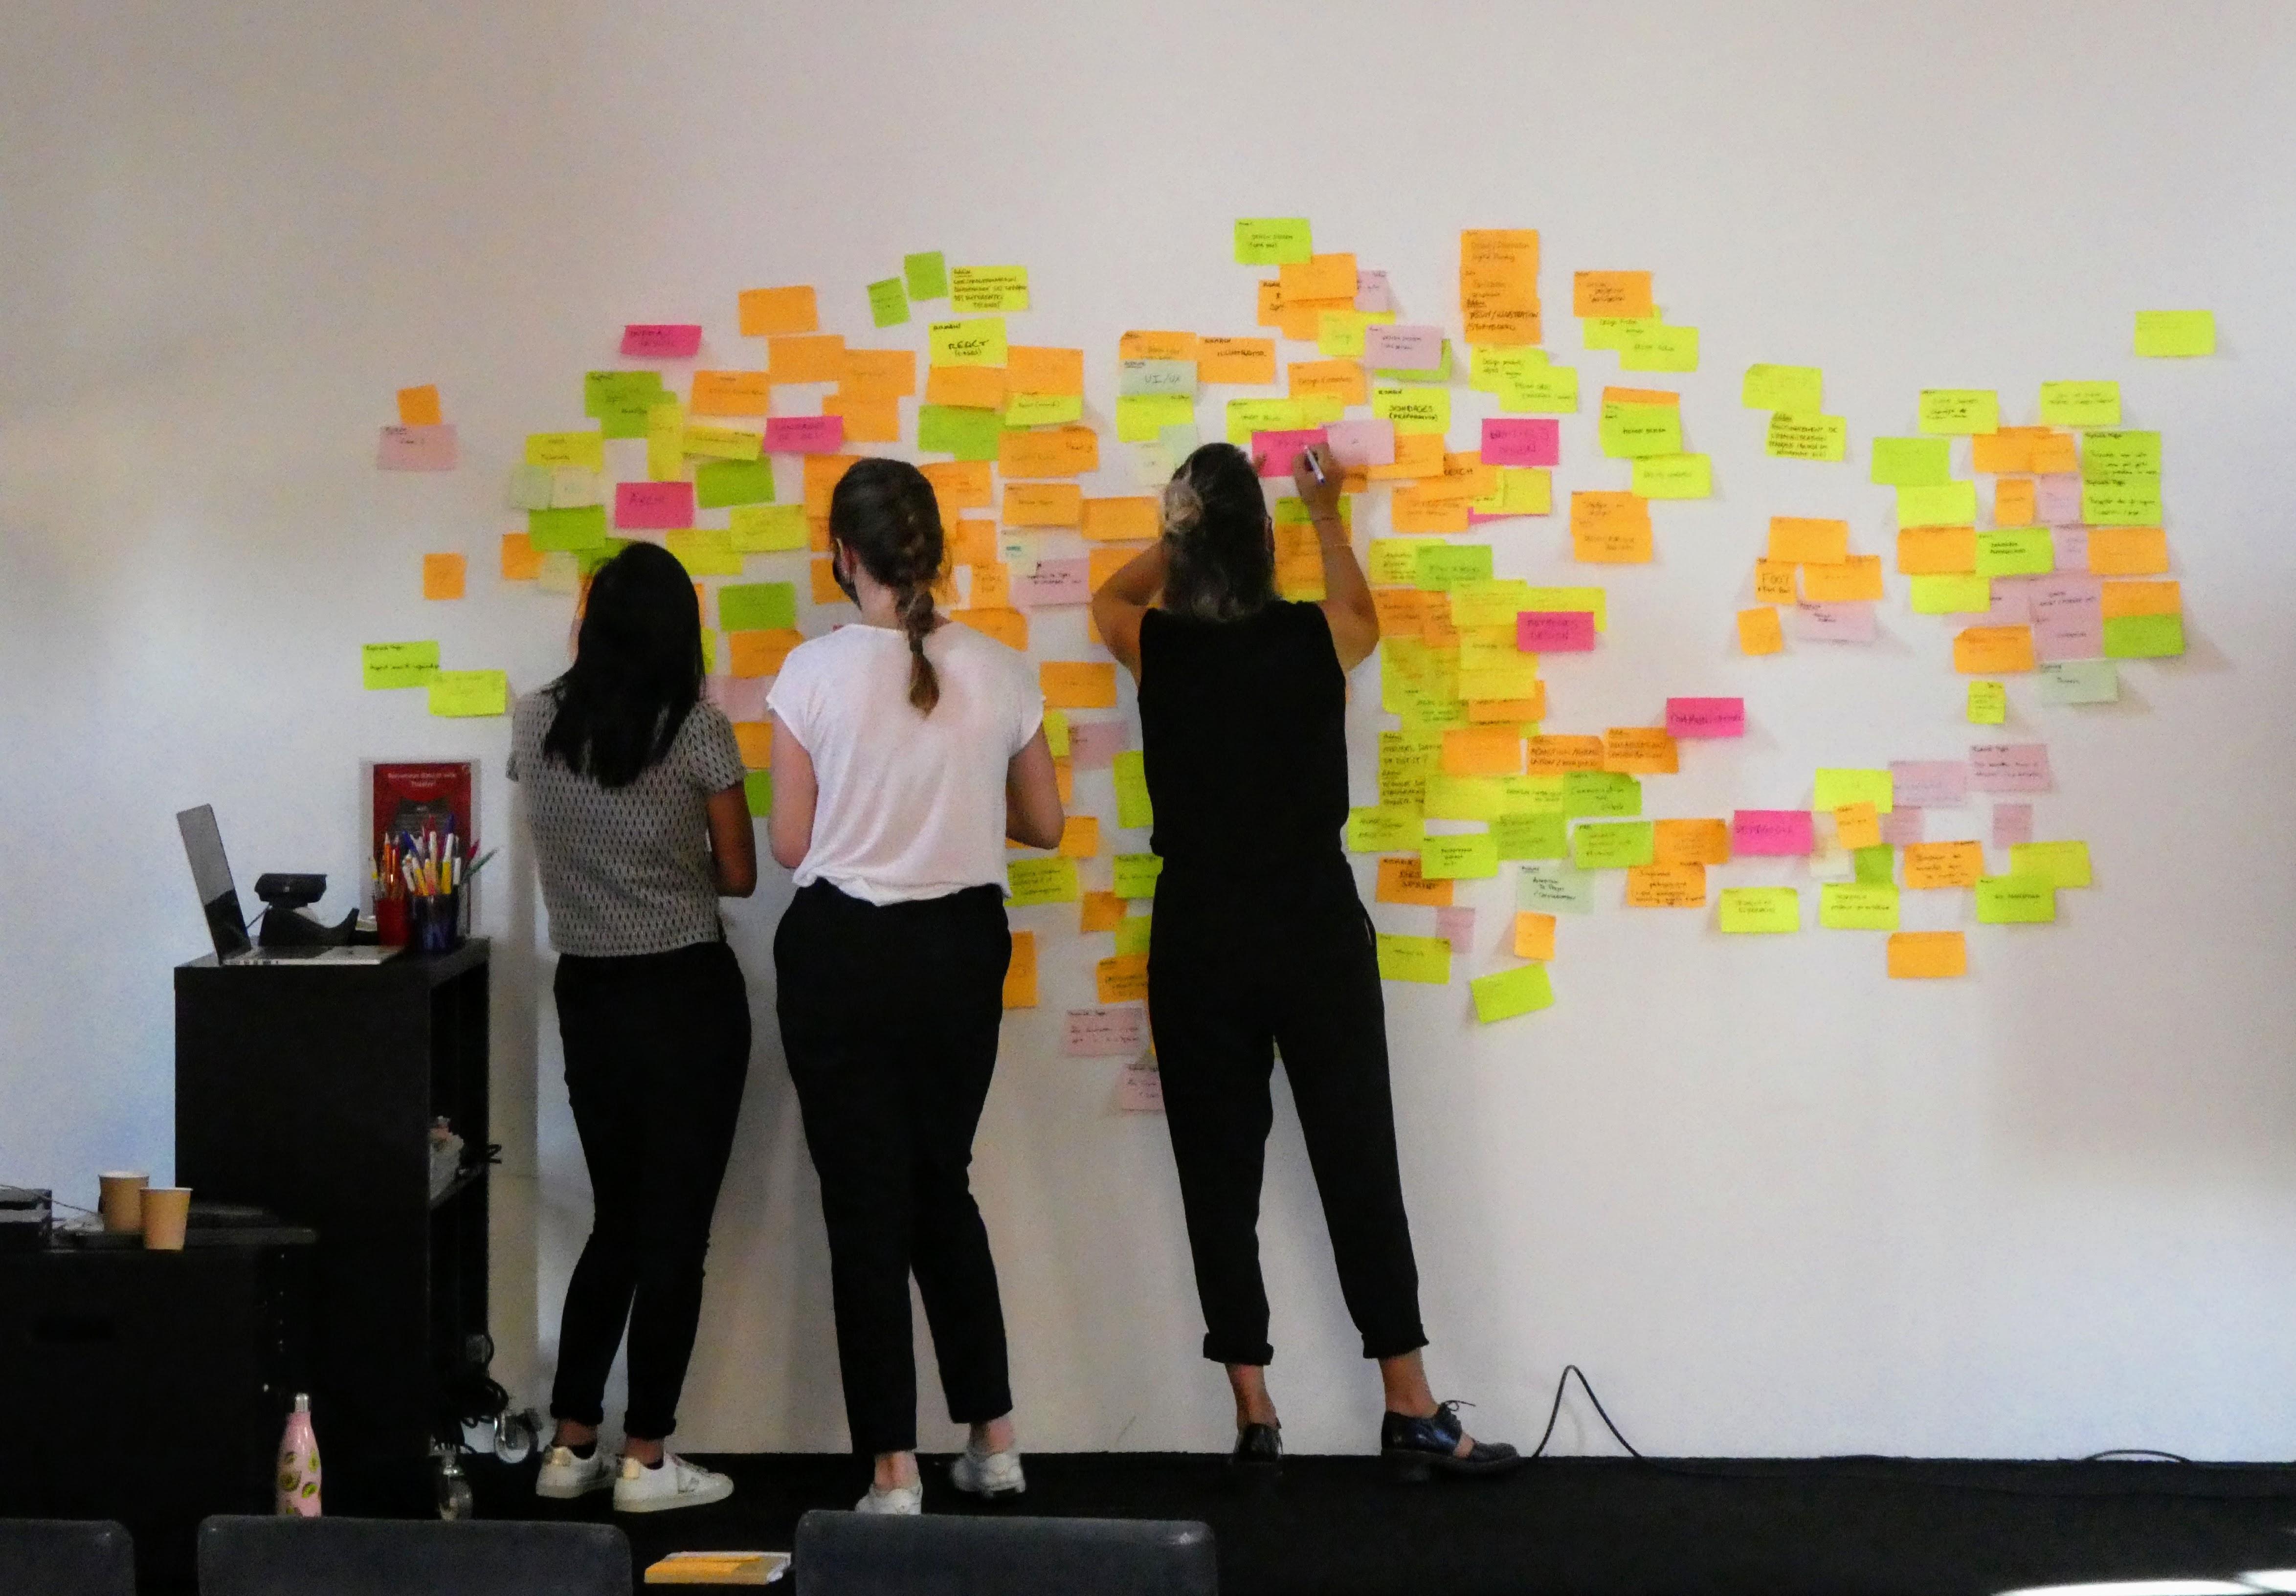 Un mur blanc est couvert de post-its de quatre couleurs différentes. Trois personnes lui font face. Une personne écrit sur un post-it rose